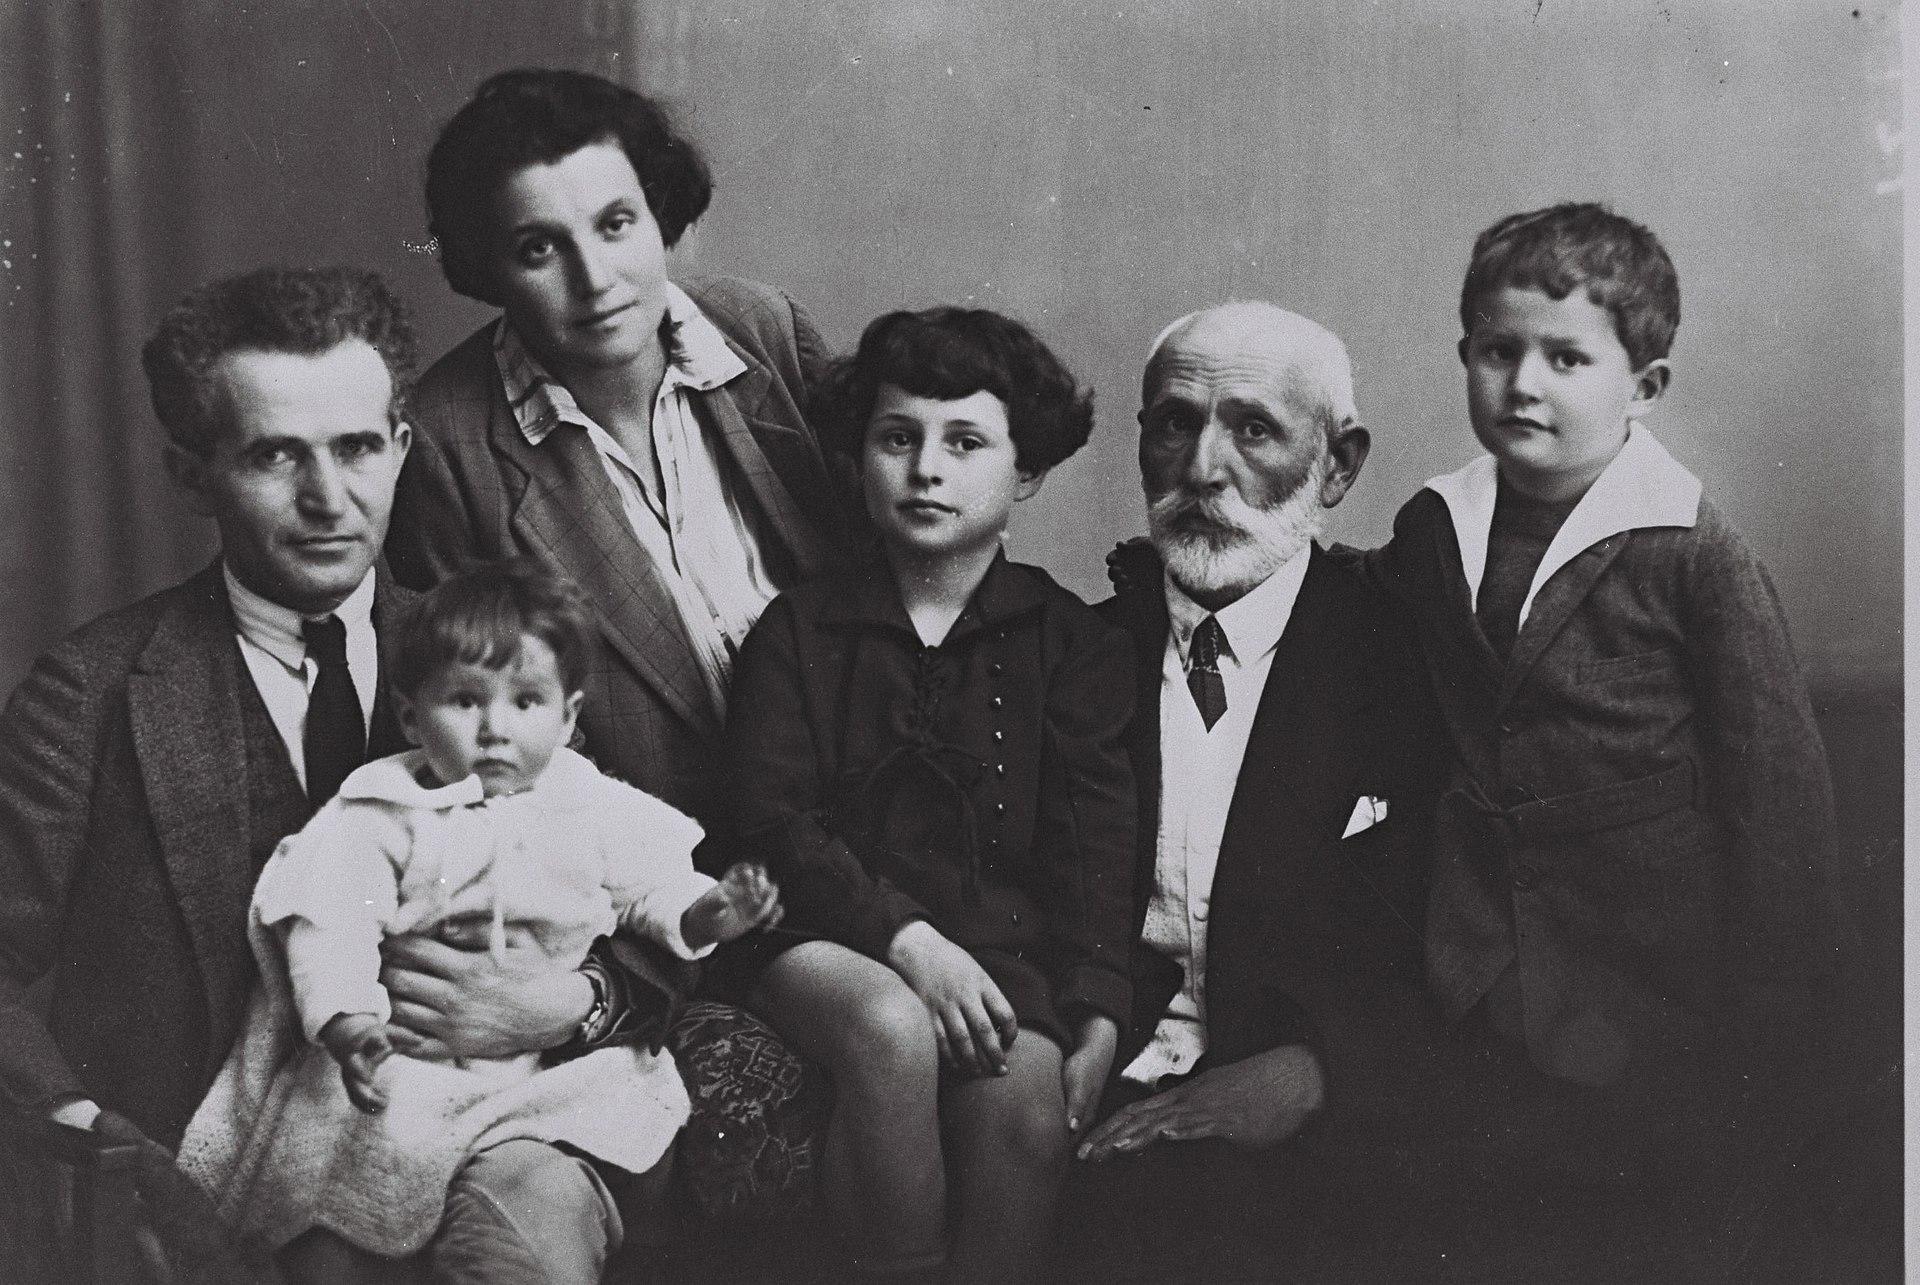 https://upload.wikimedia.org/wikipedia/commons/thumb/c/c3/Ben_Gurion_Family_1929.jpg/1920px-Ben_Gurion_Family_1929.jpg